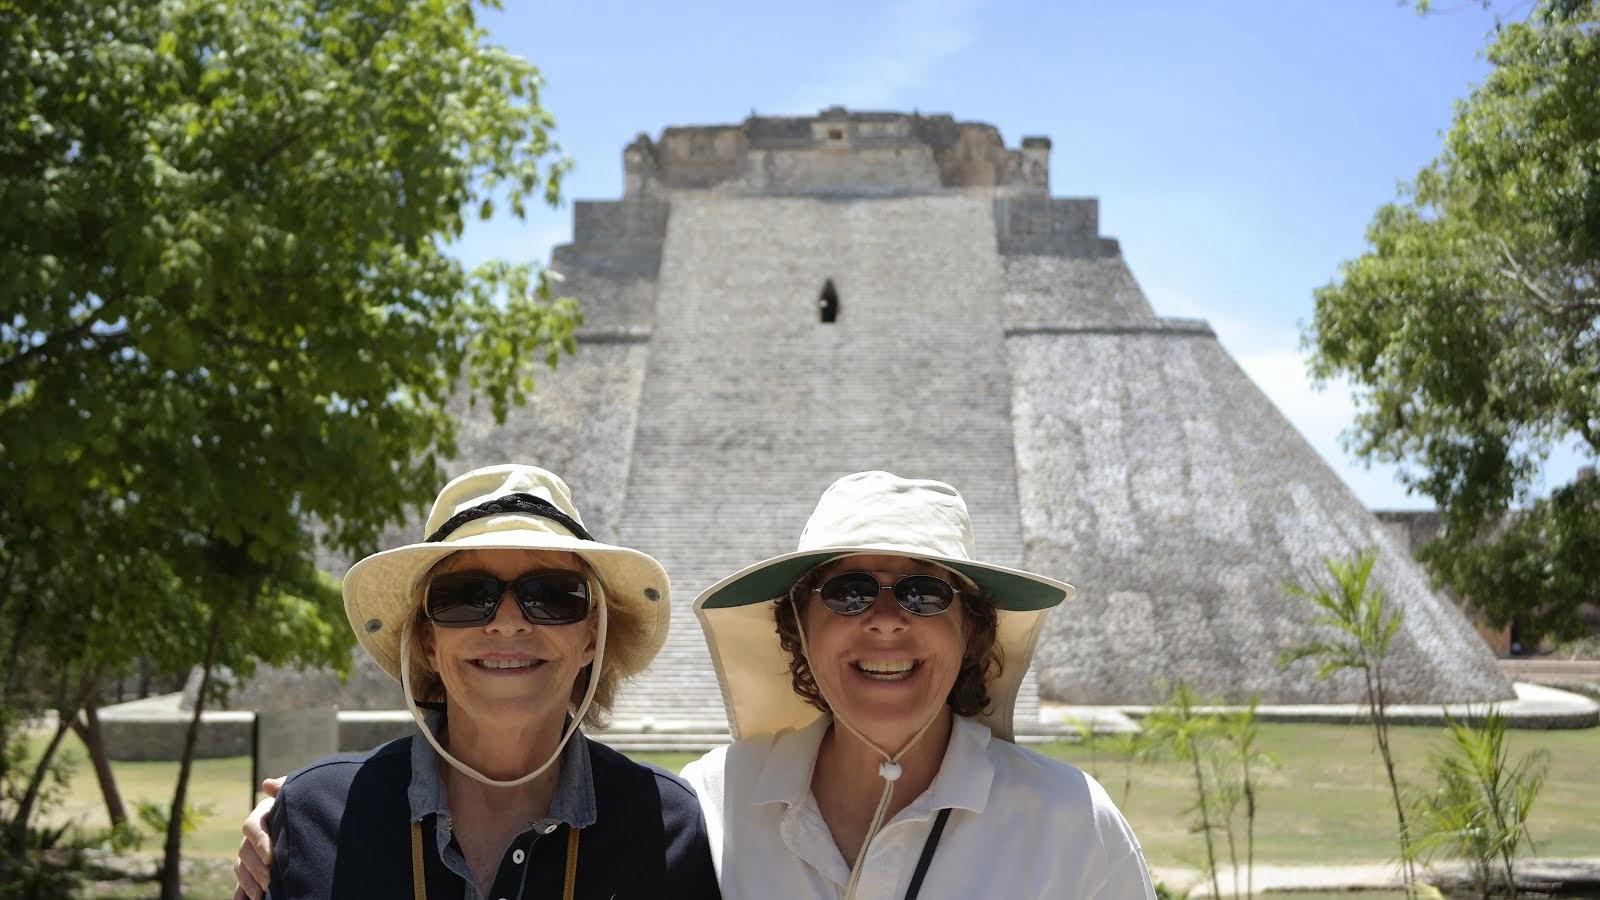 Rencontres acteurs tourisme picardie